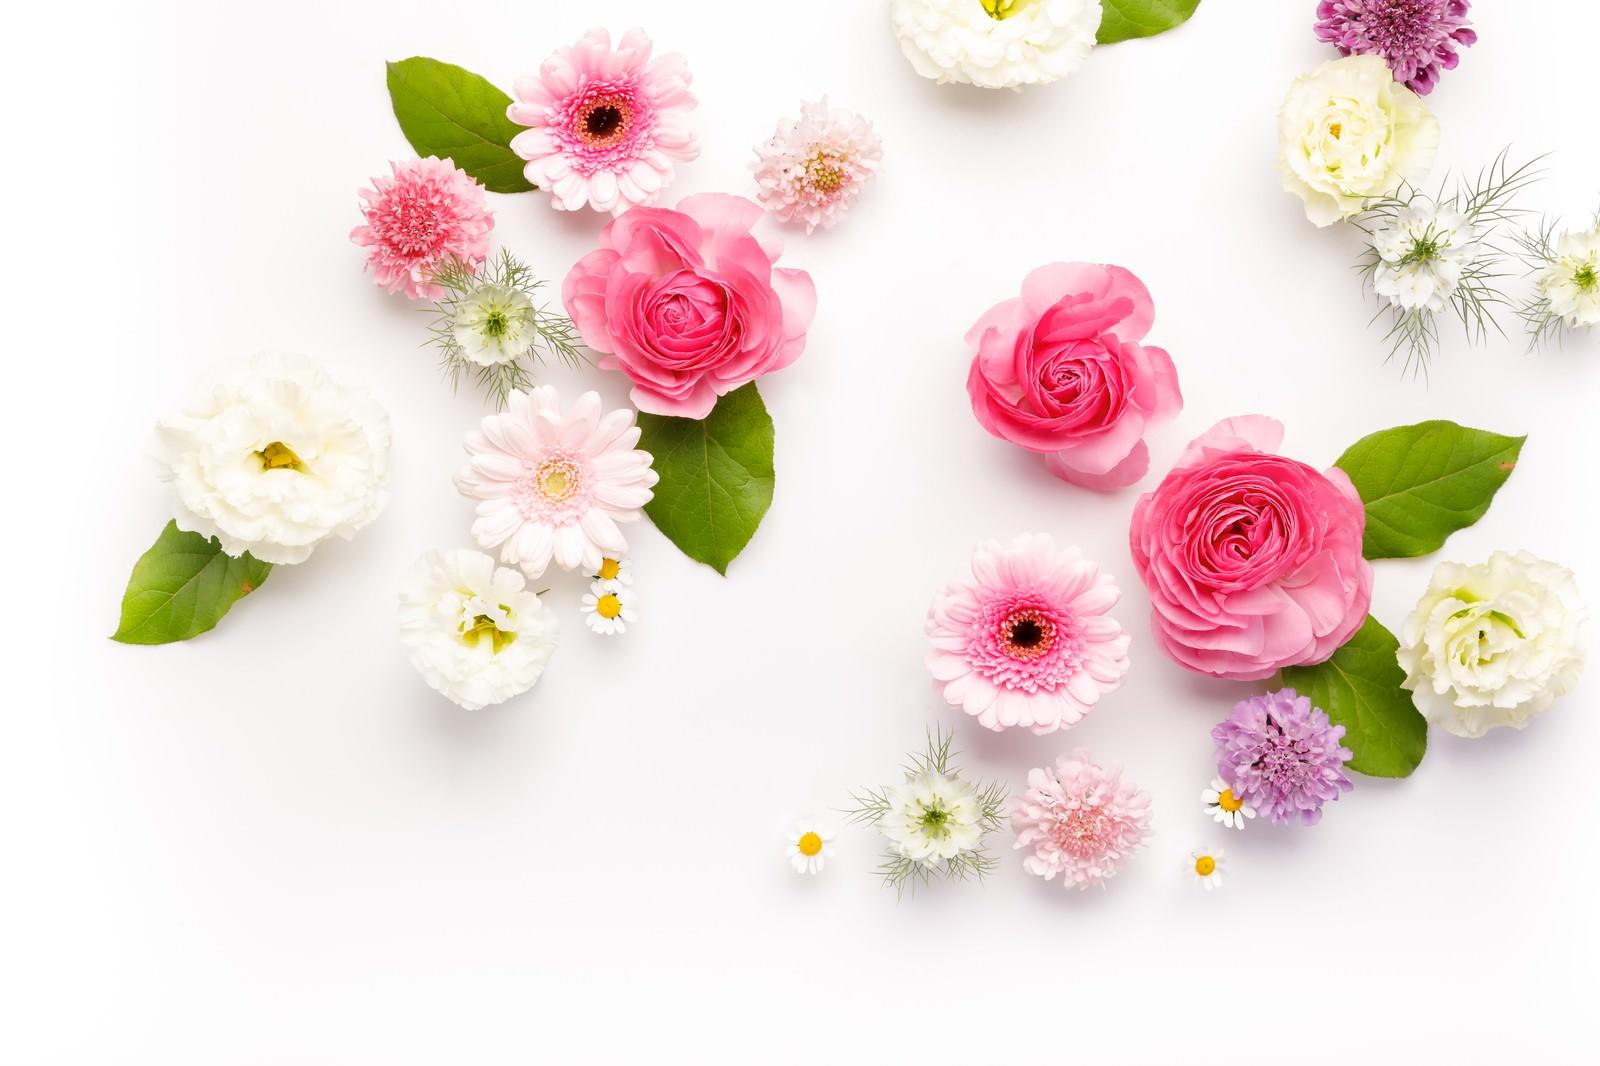 「お花のストックフォトお花のストックフォト」のフリー写真素材を拡大